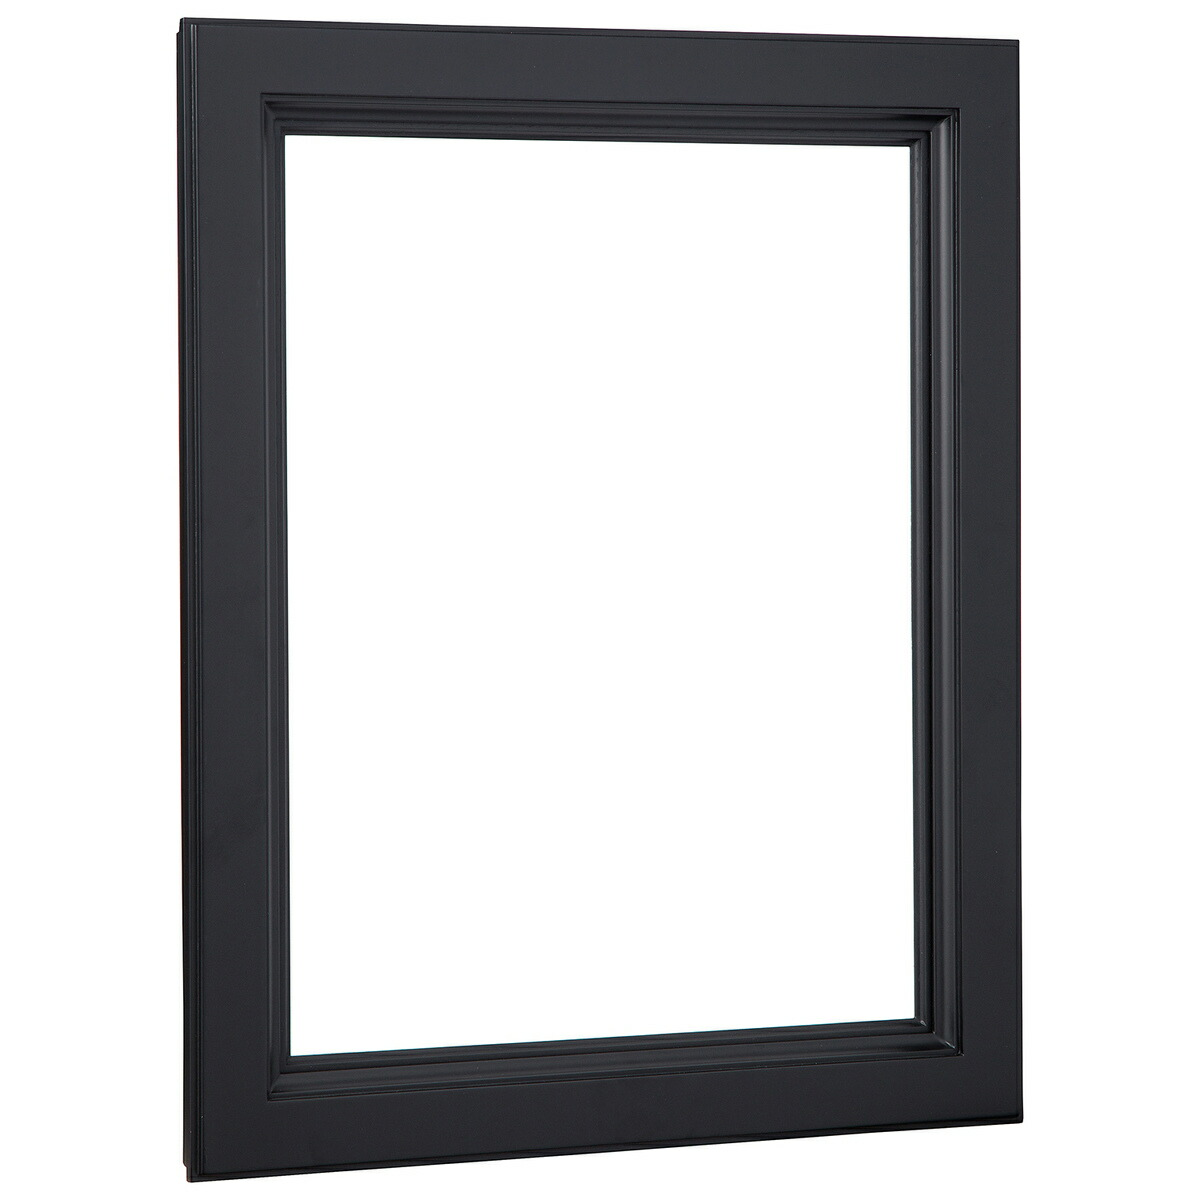 ラーソン・ジュール 油絵用額縁 A260 F4 ブラック